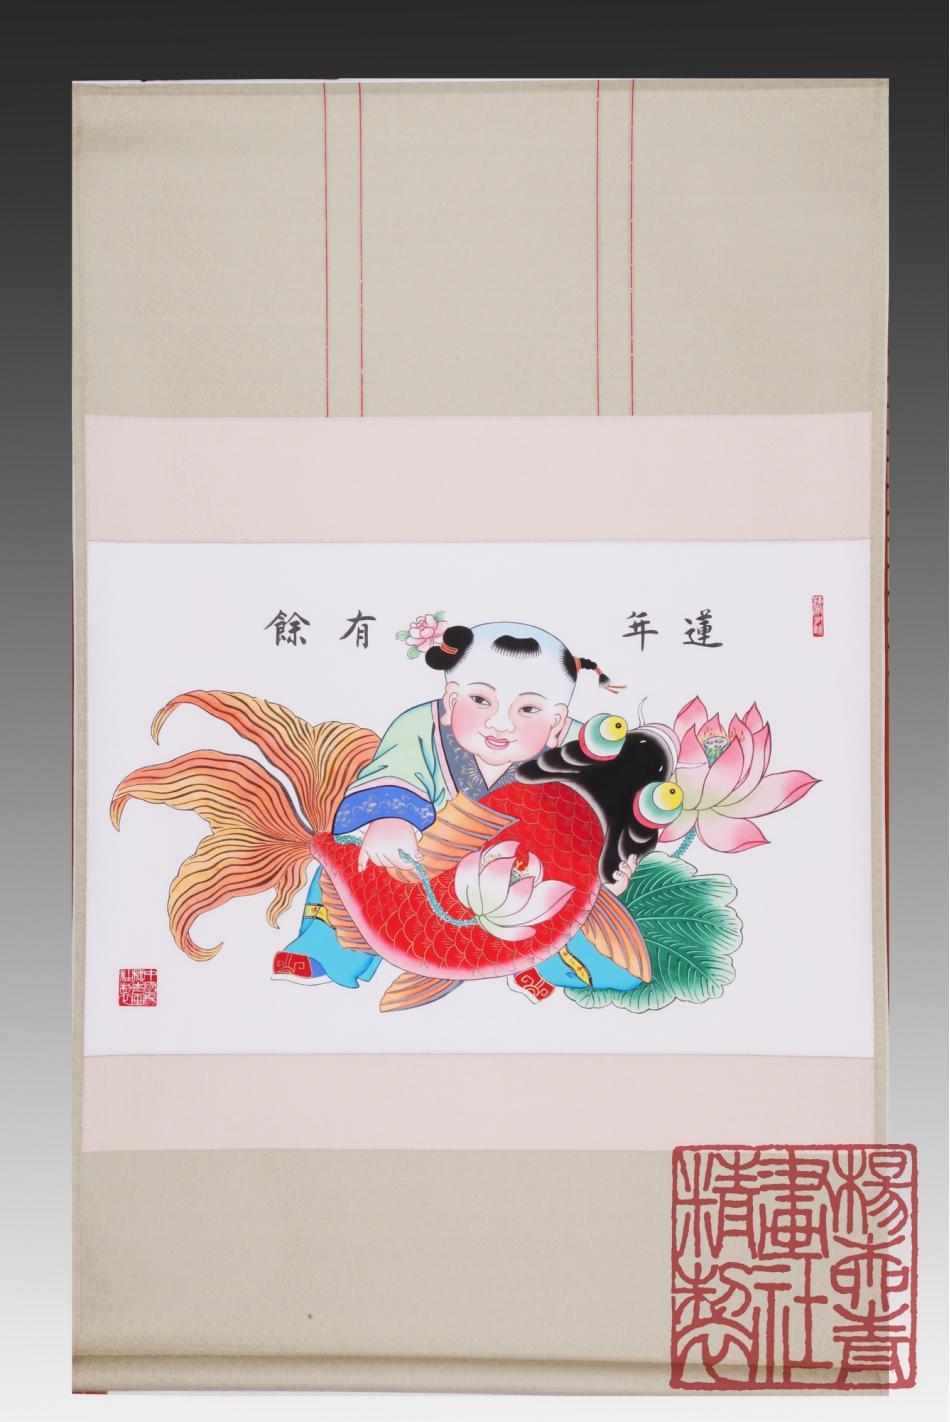 杨柳青年画 连年有余